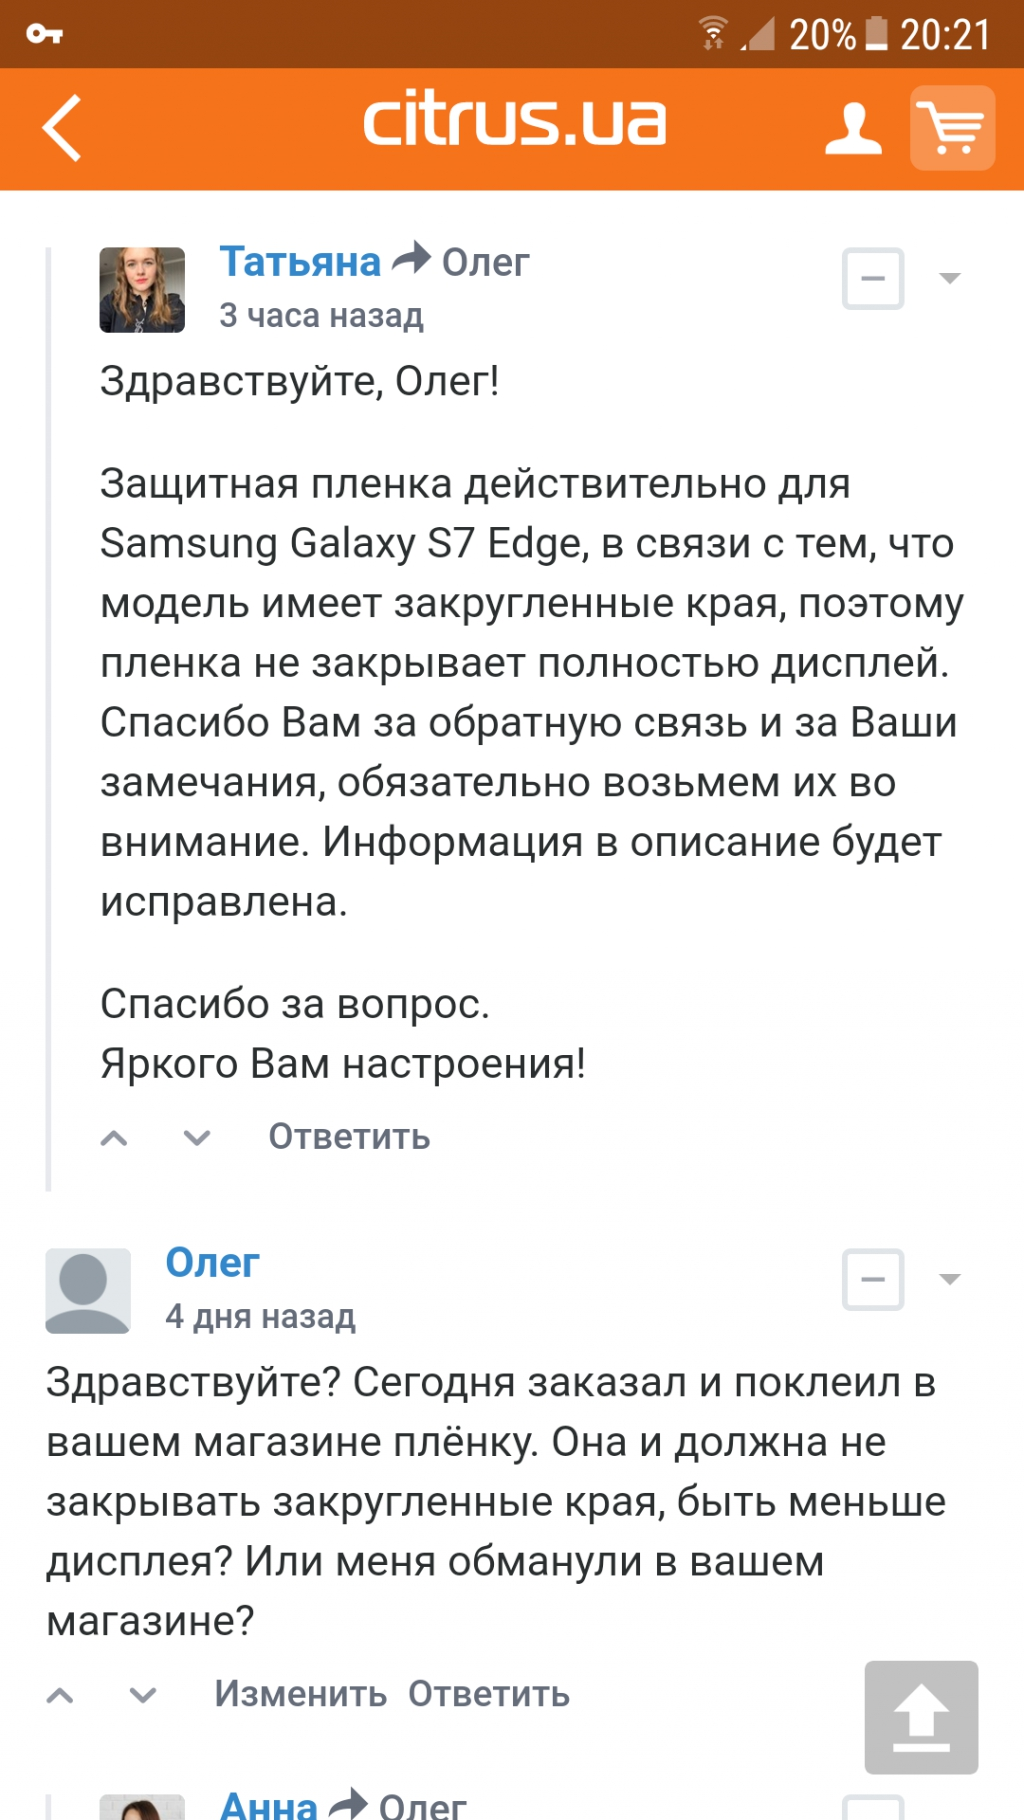 Интернет-магазин Цитрус (citrus.ua) - Некомпетентные сотрудники